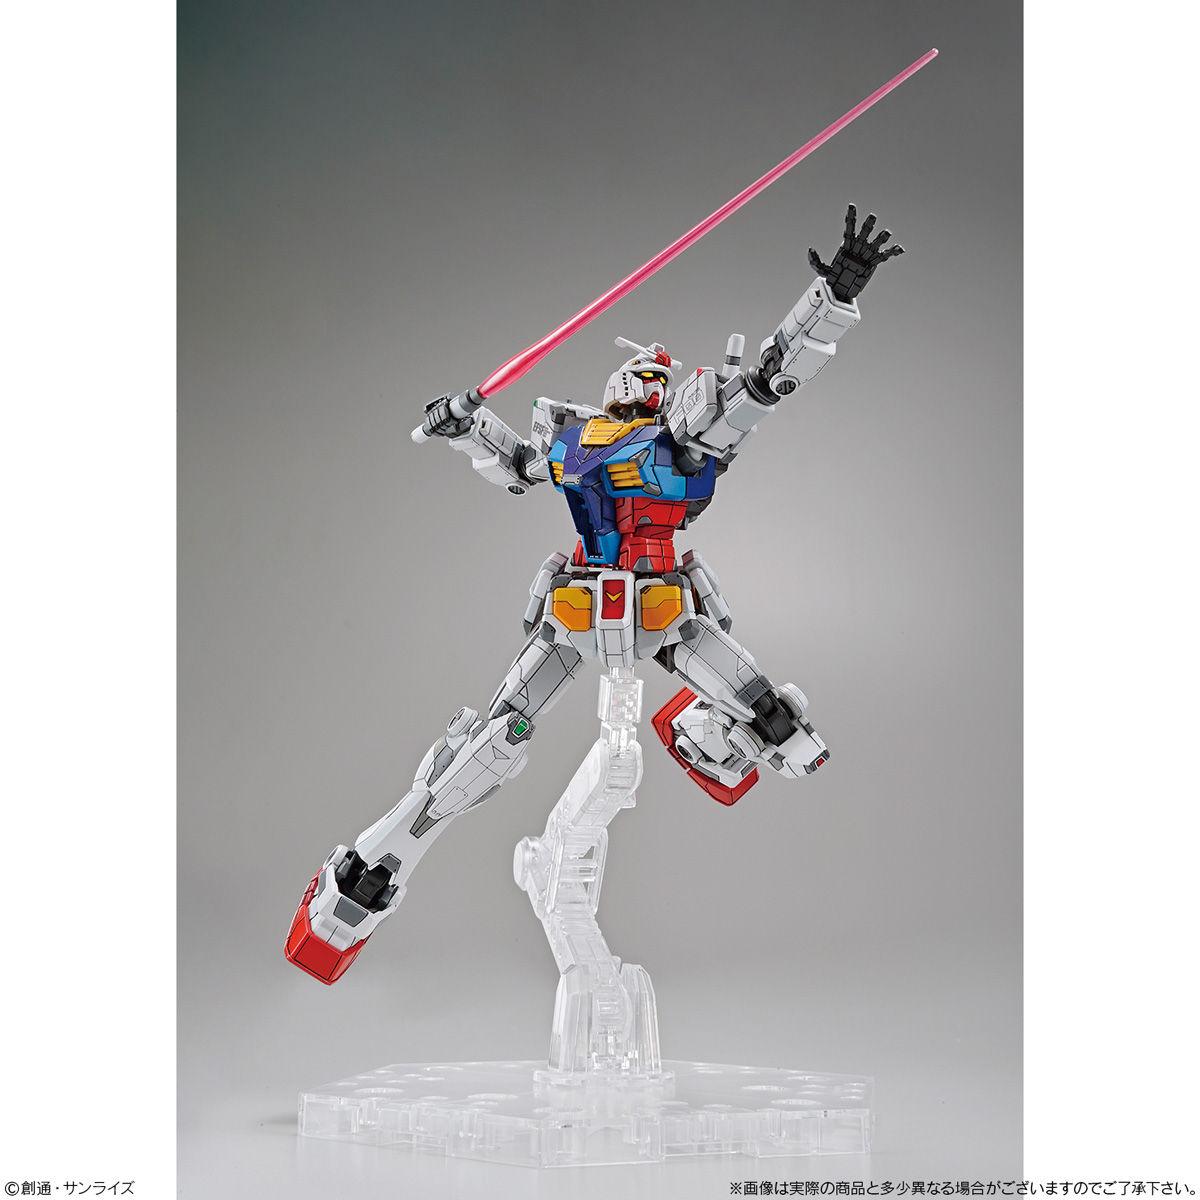 【先行販売】GUNDAM FACTORY YOKOHAMA『RX-78F00 ガンダム&ガンダムドック』1/144 プラモデル-007